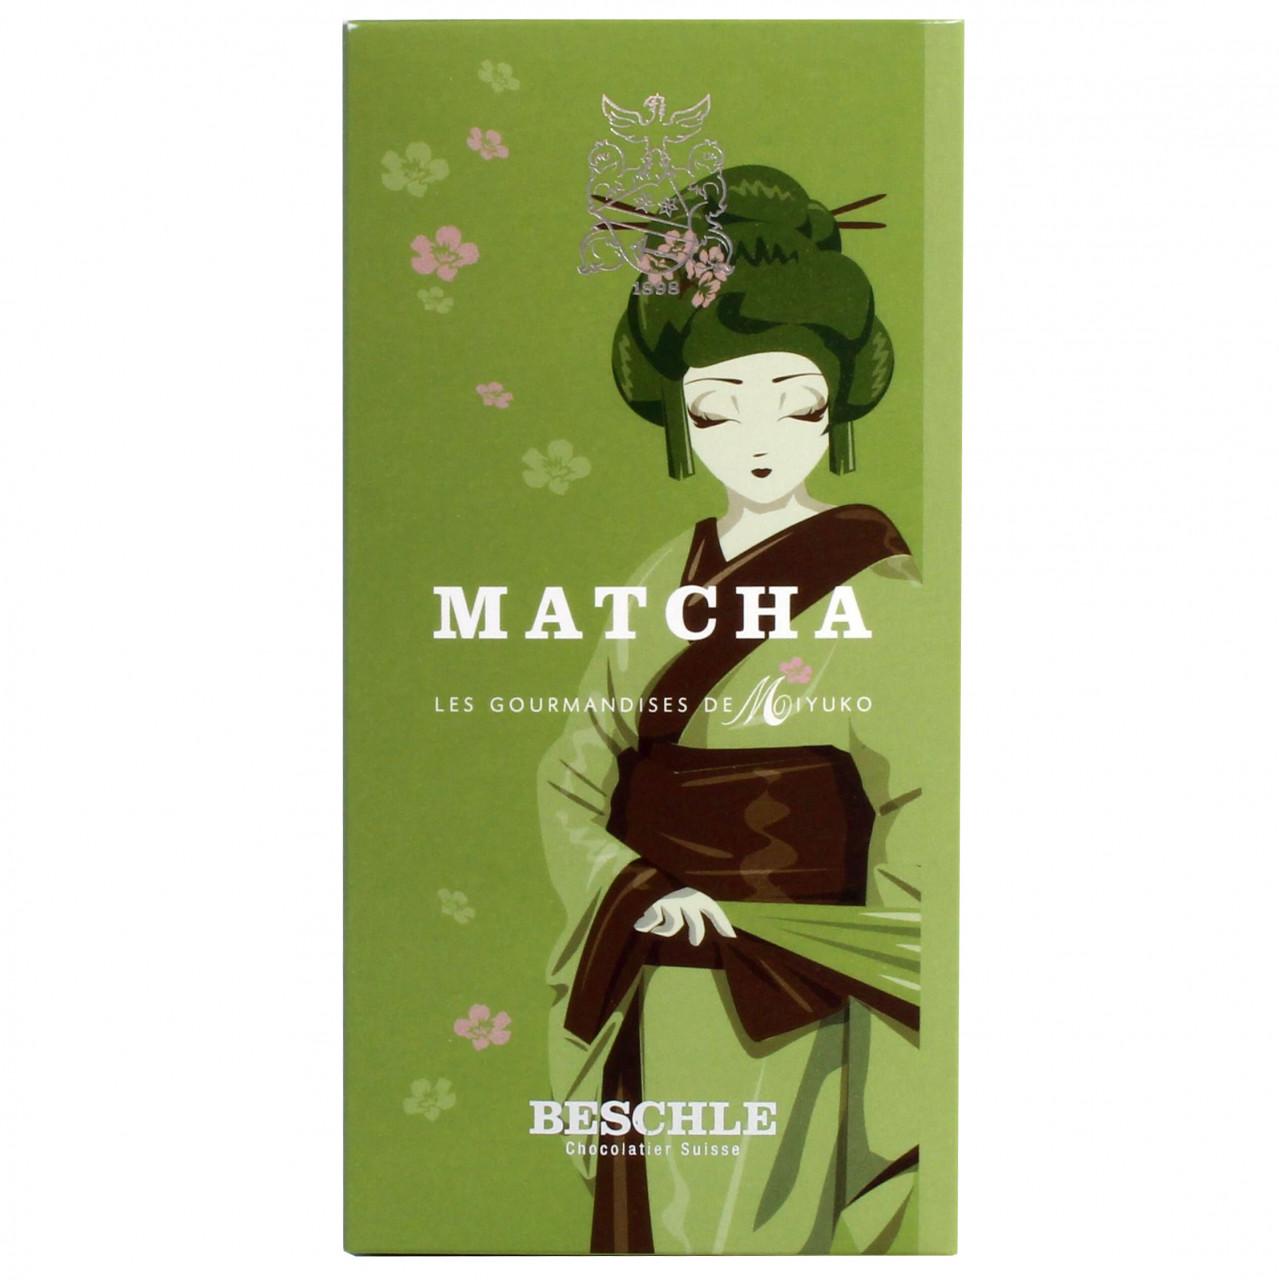 Schokolade mit Matcha Tee, weisse Schokolade, Joghurt Schokolade, Schweiz, schweizer Schokolade - Chocolat avec Matcha - Chocolats-De-Luxe